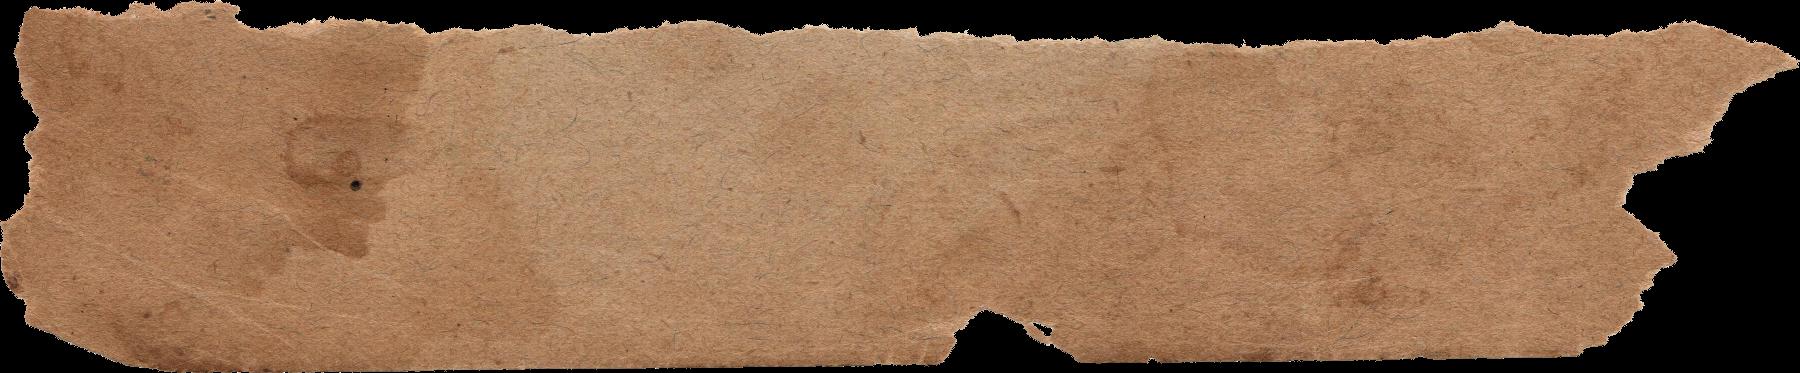 10 Torn Old Paper Banner (PNG Transparent).